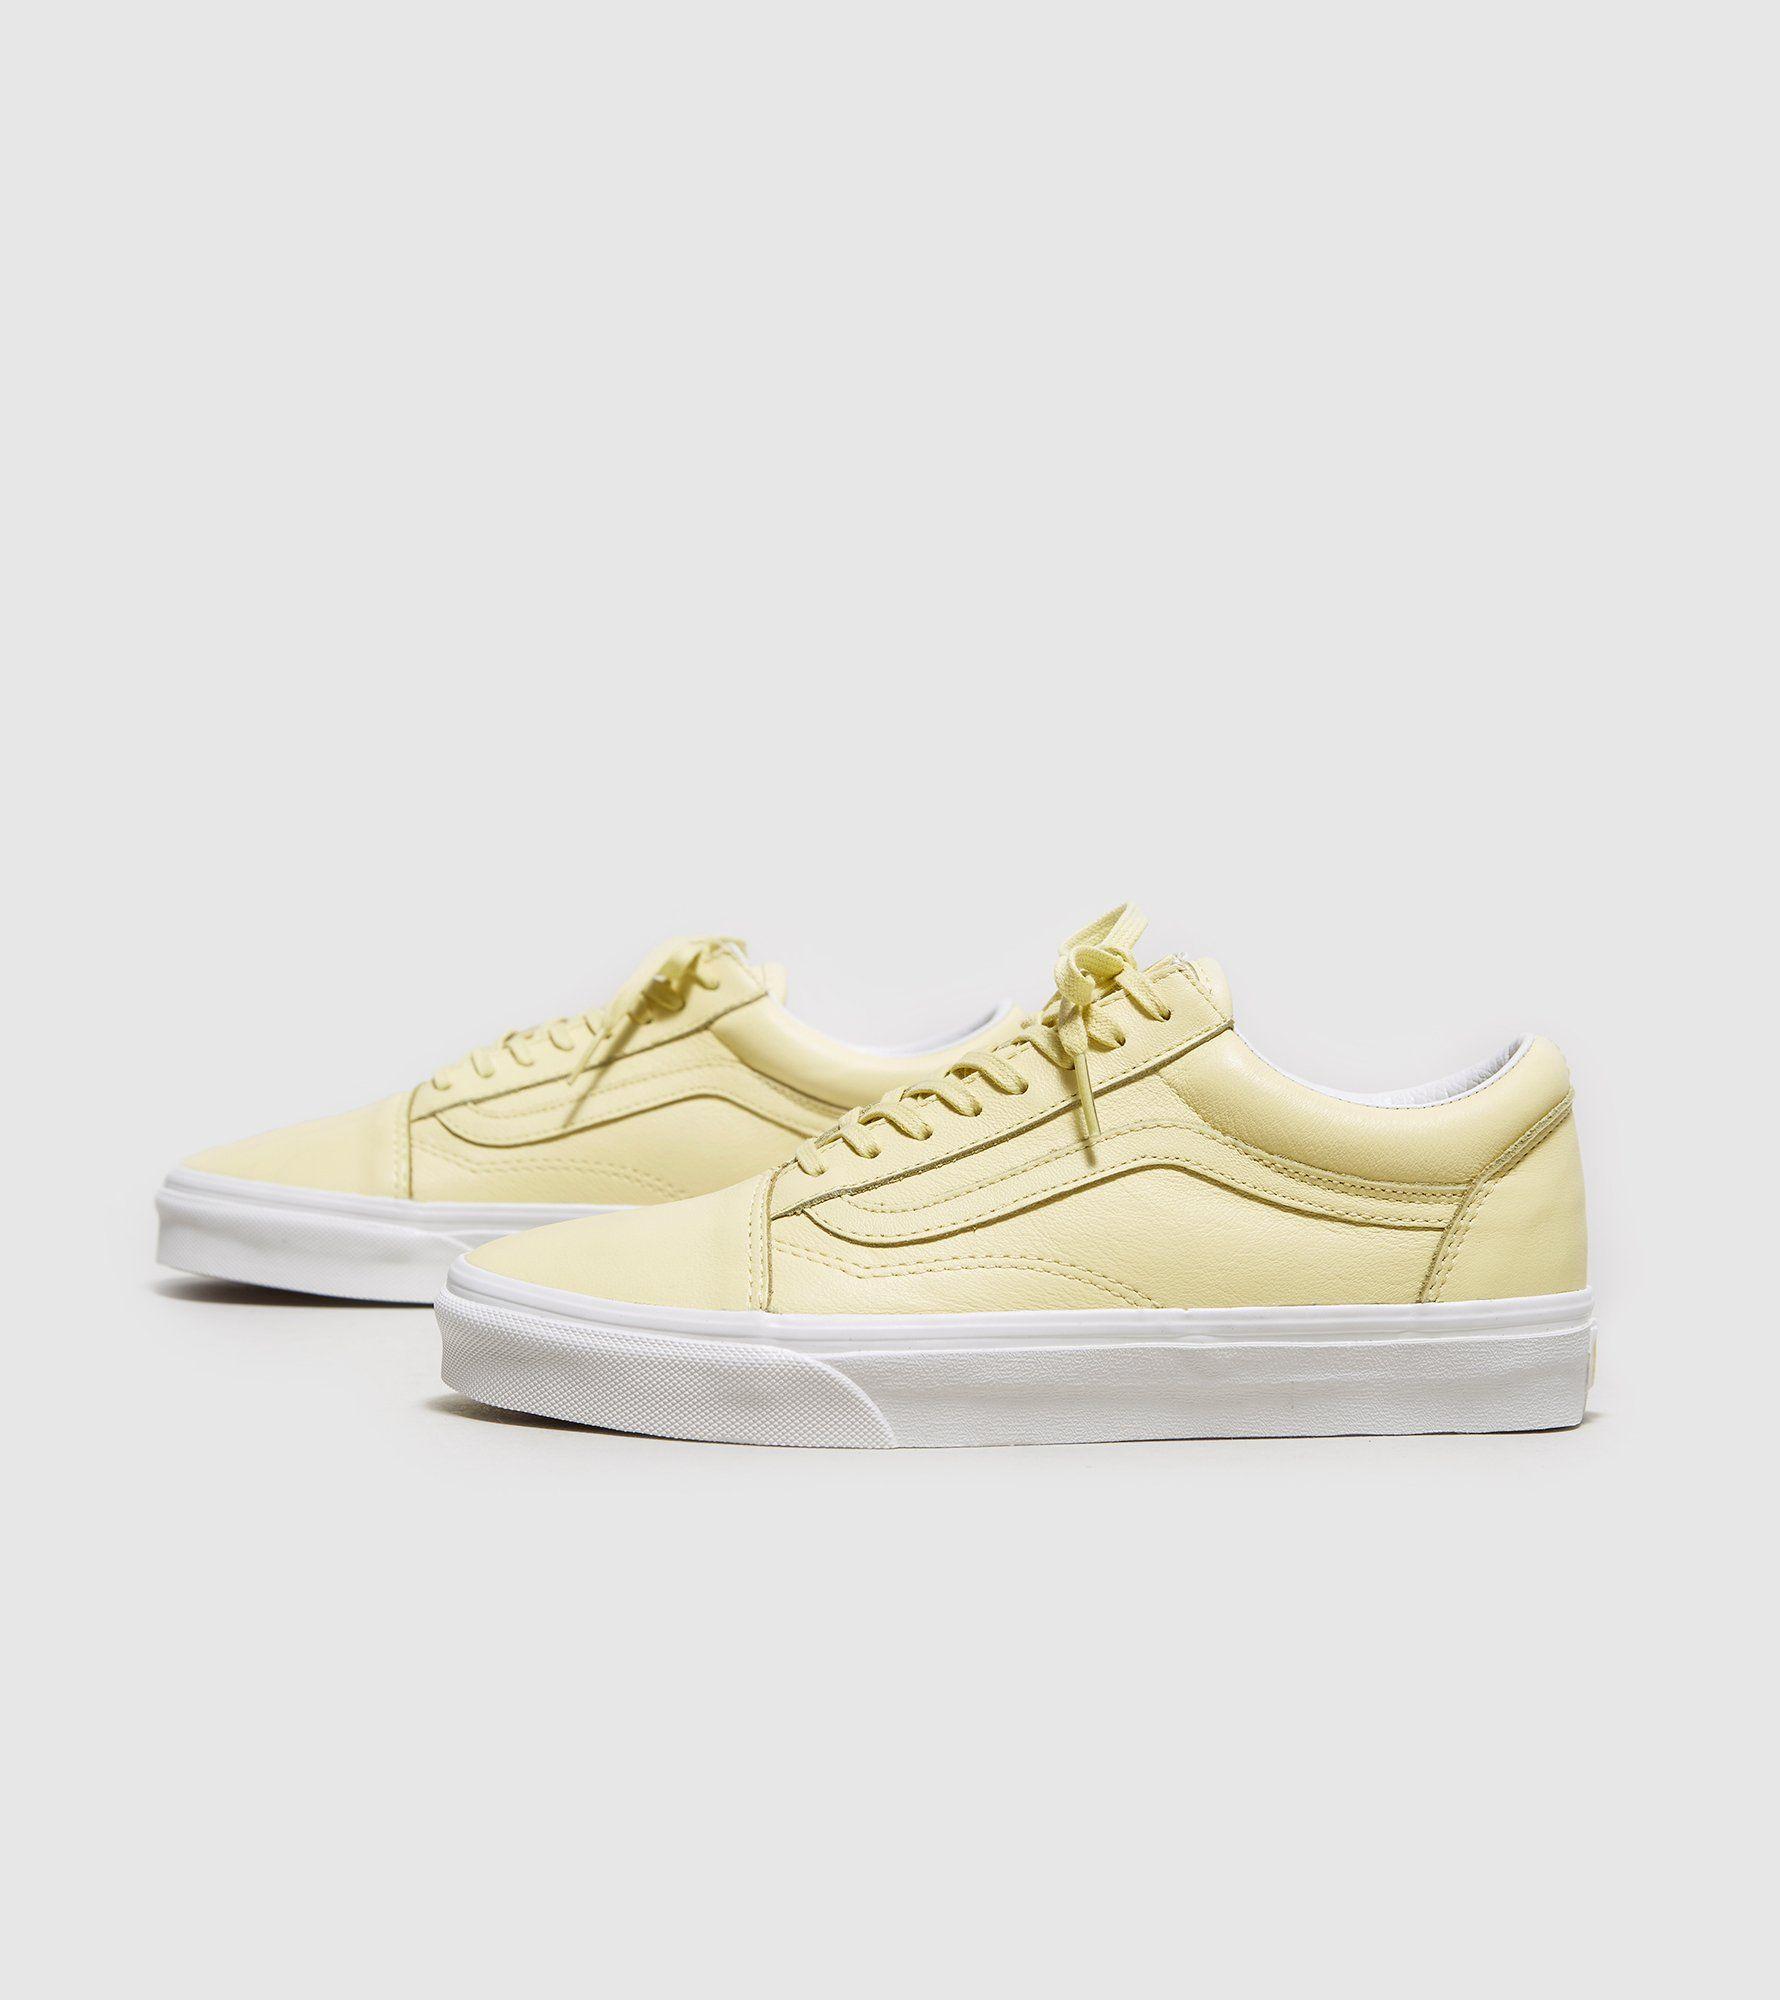 Vans Old Skool U0026#39;Pastelu0026#39; Womenu0026#39;s | Size?